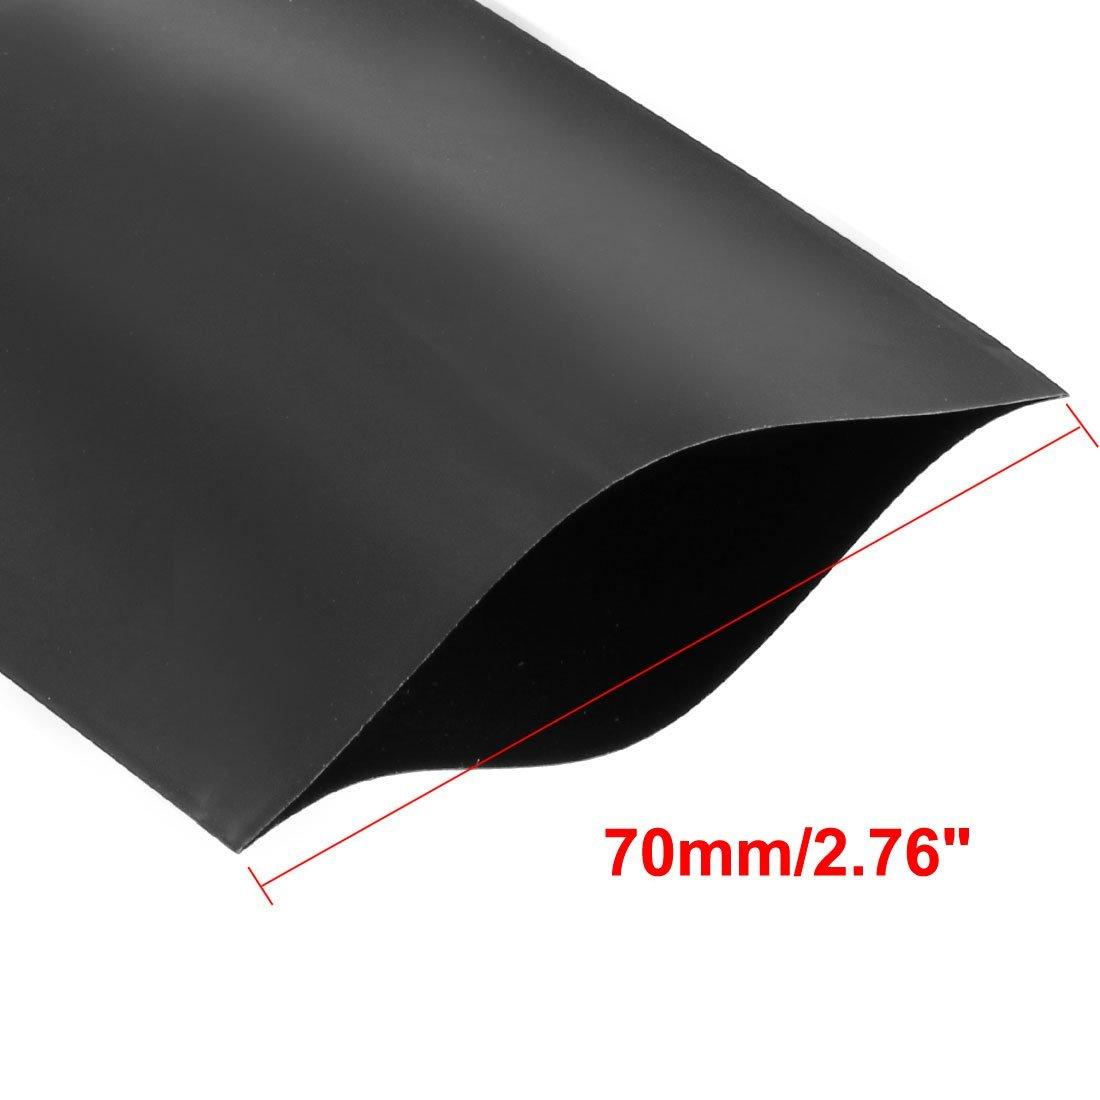 Schwarz Sourcingmap Schrumpfschlauch 5 m PVC 70 mm f/ür 4 x 18650 Schrumpffolie